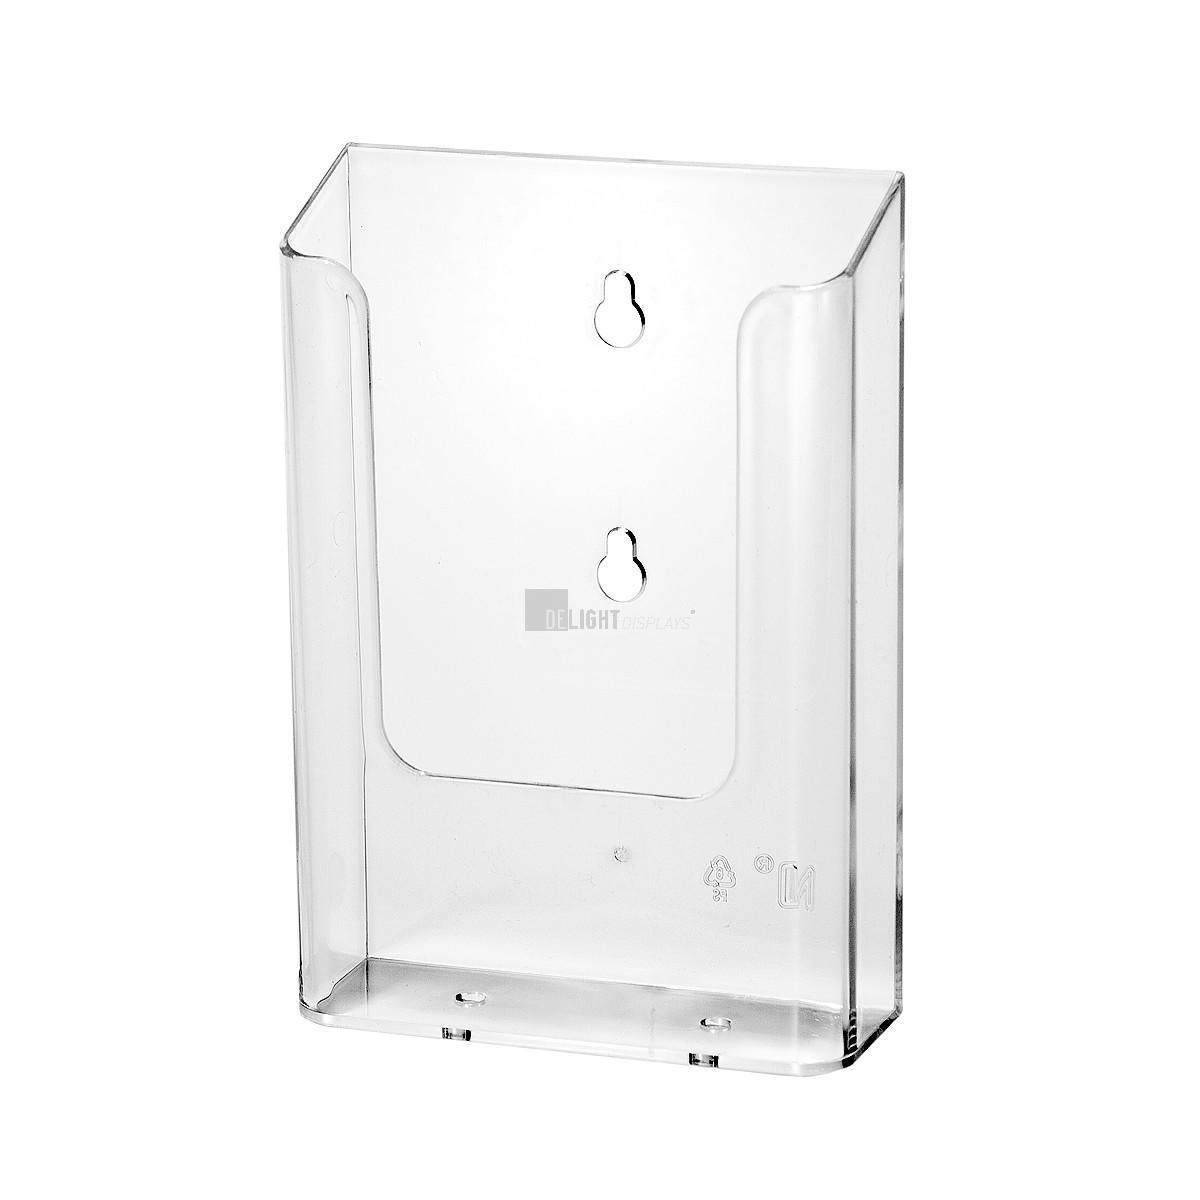 wandprospekthalter din lang a6 delight displays. Black Bedroom Furniture Sets. Home Design Ideas